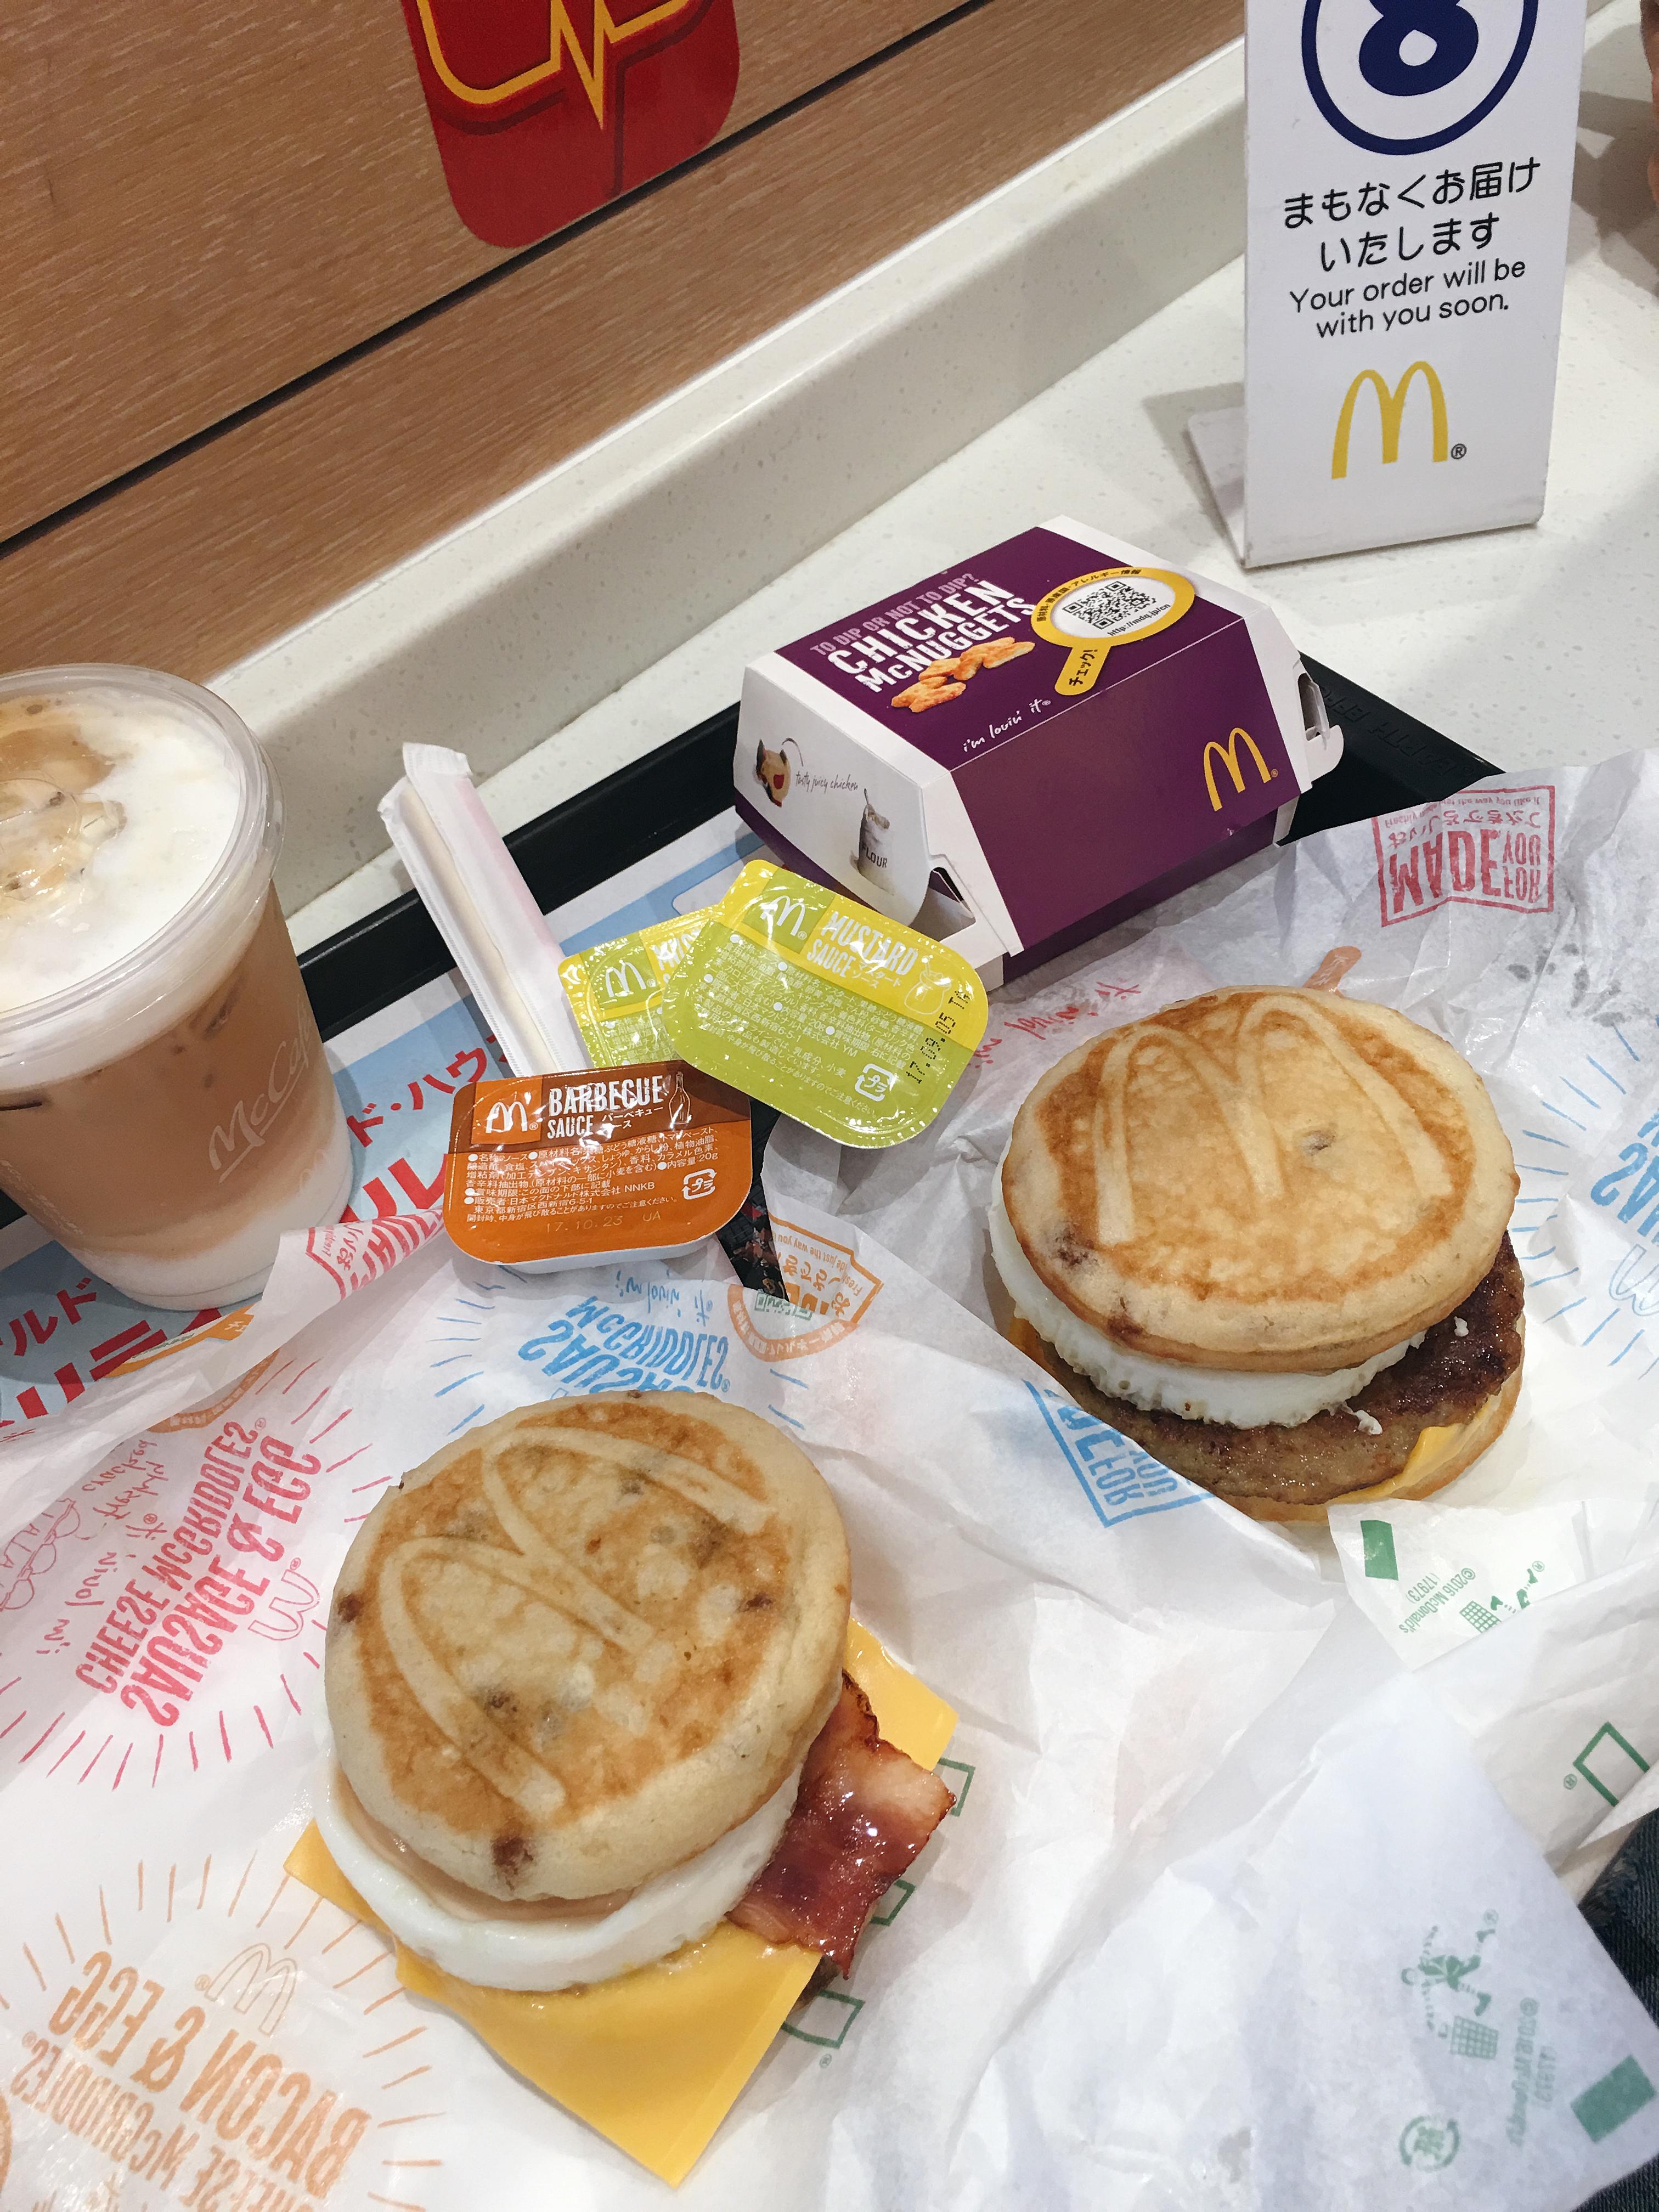 【美食】只有日本有!!臺灣吃不到的麥當勞早餐 | Tokyo Creative